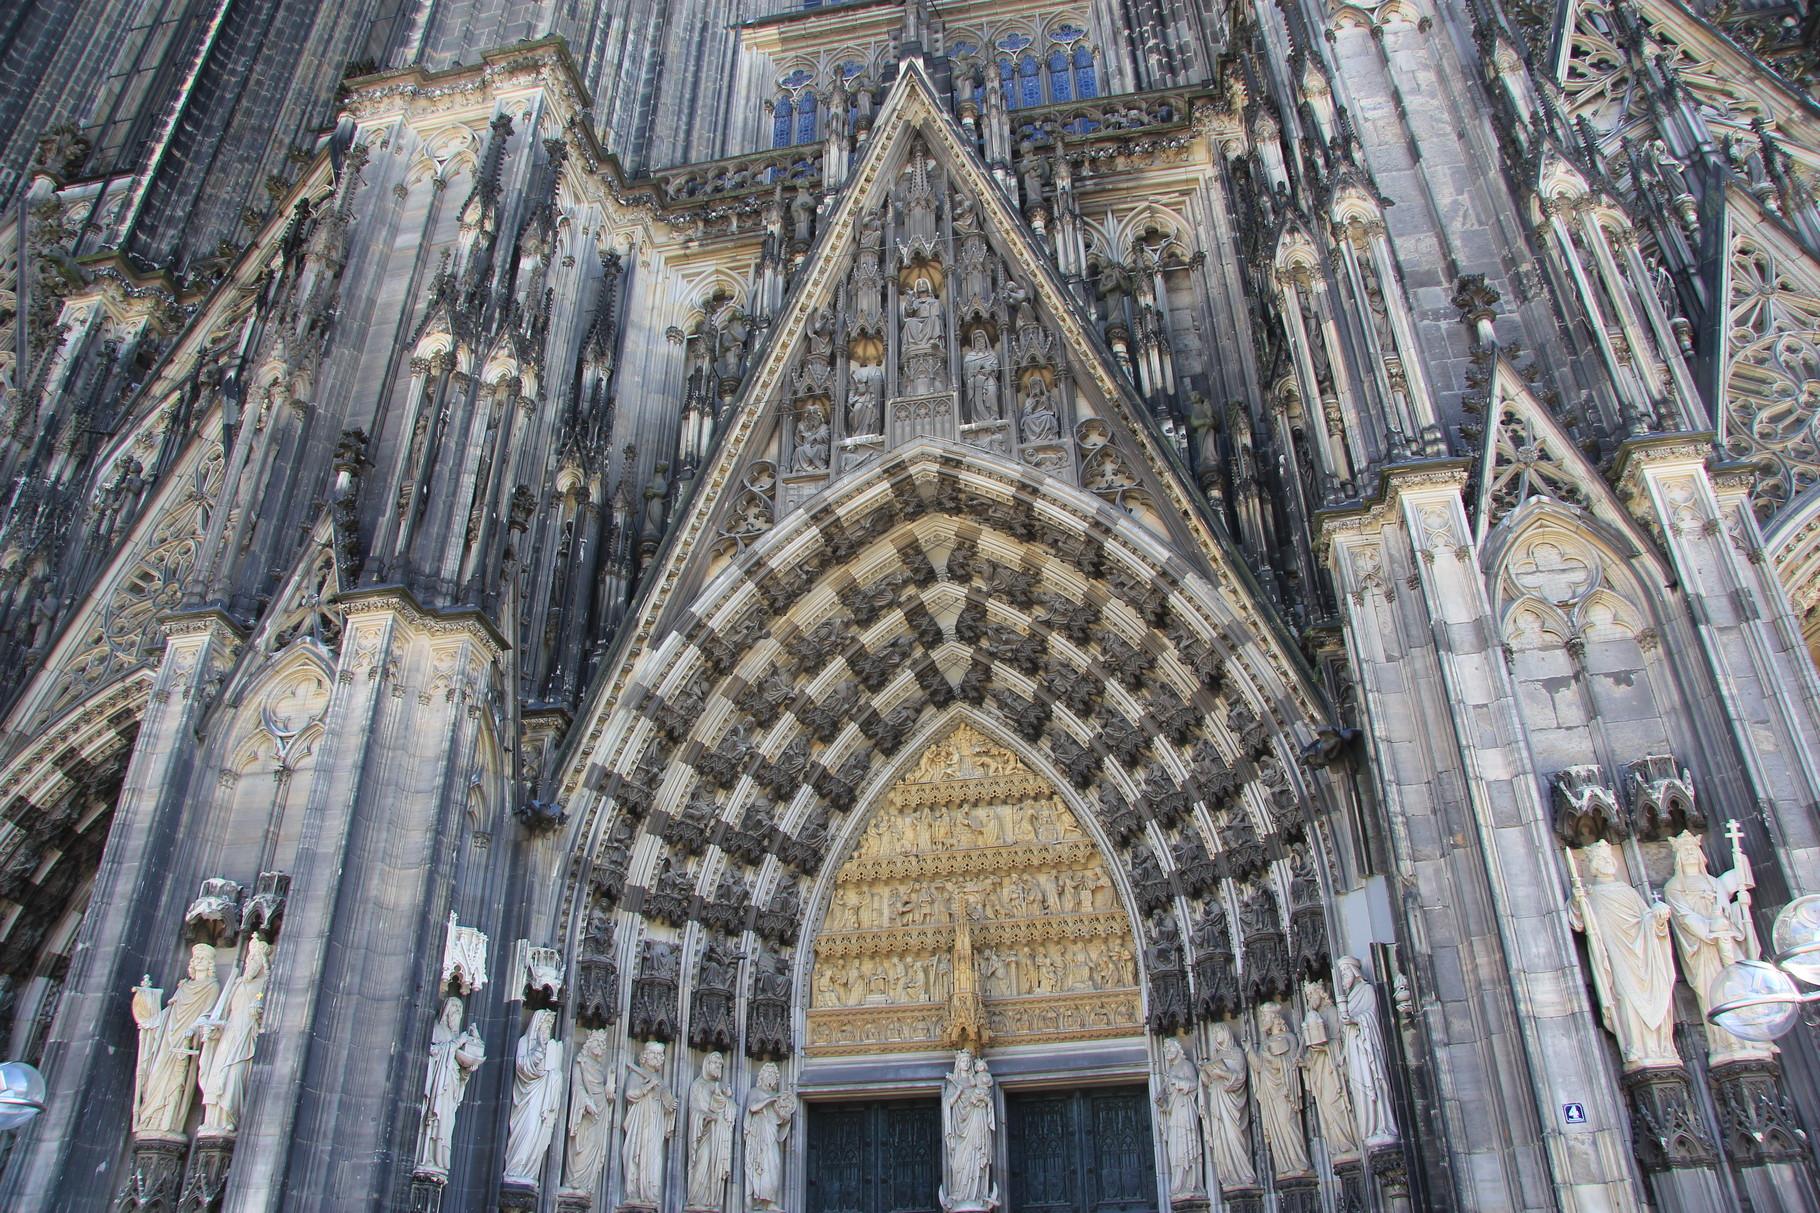 Durch das Marienportal (Haupteingang) betritt man die Kathedrale bei der Kölner Dom Führung